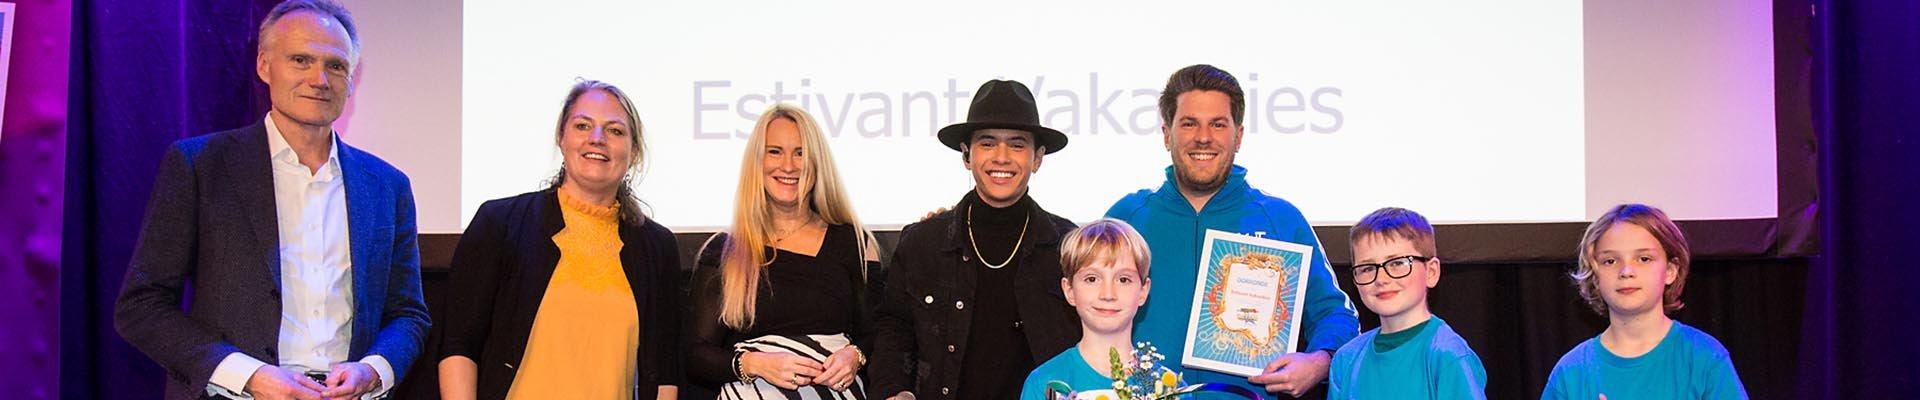 Kids Vakantieaanbieder van het Jaar Awards 2019